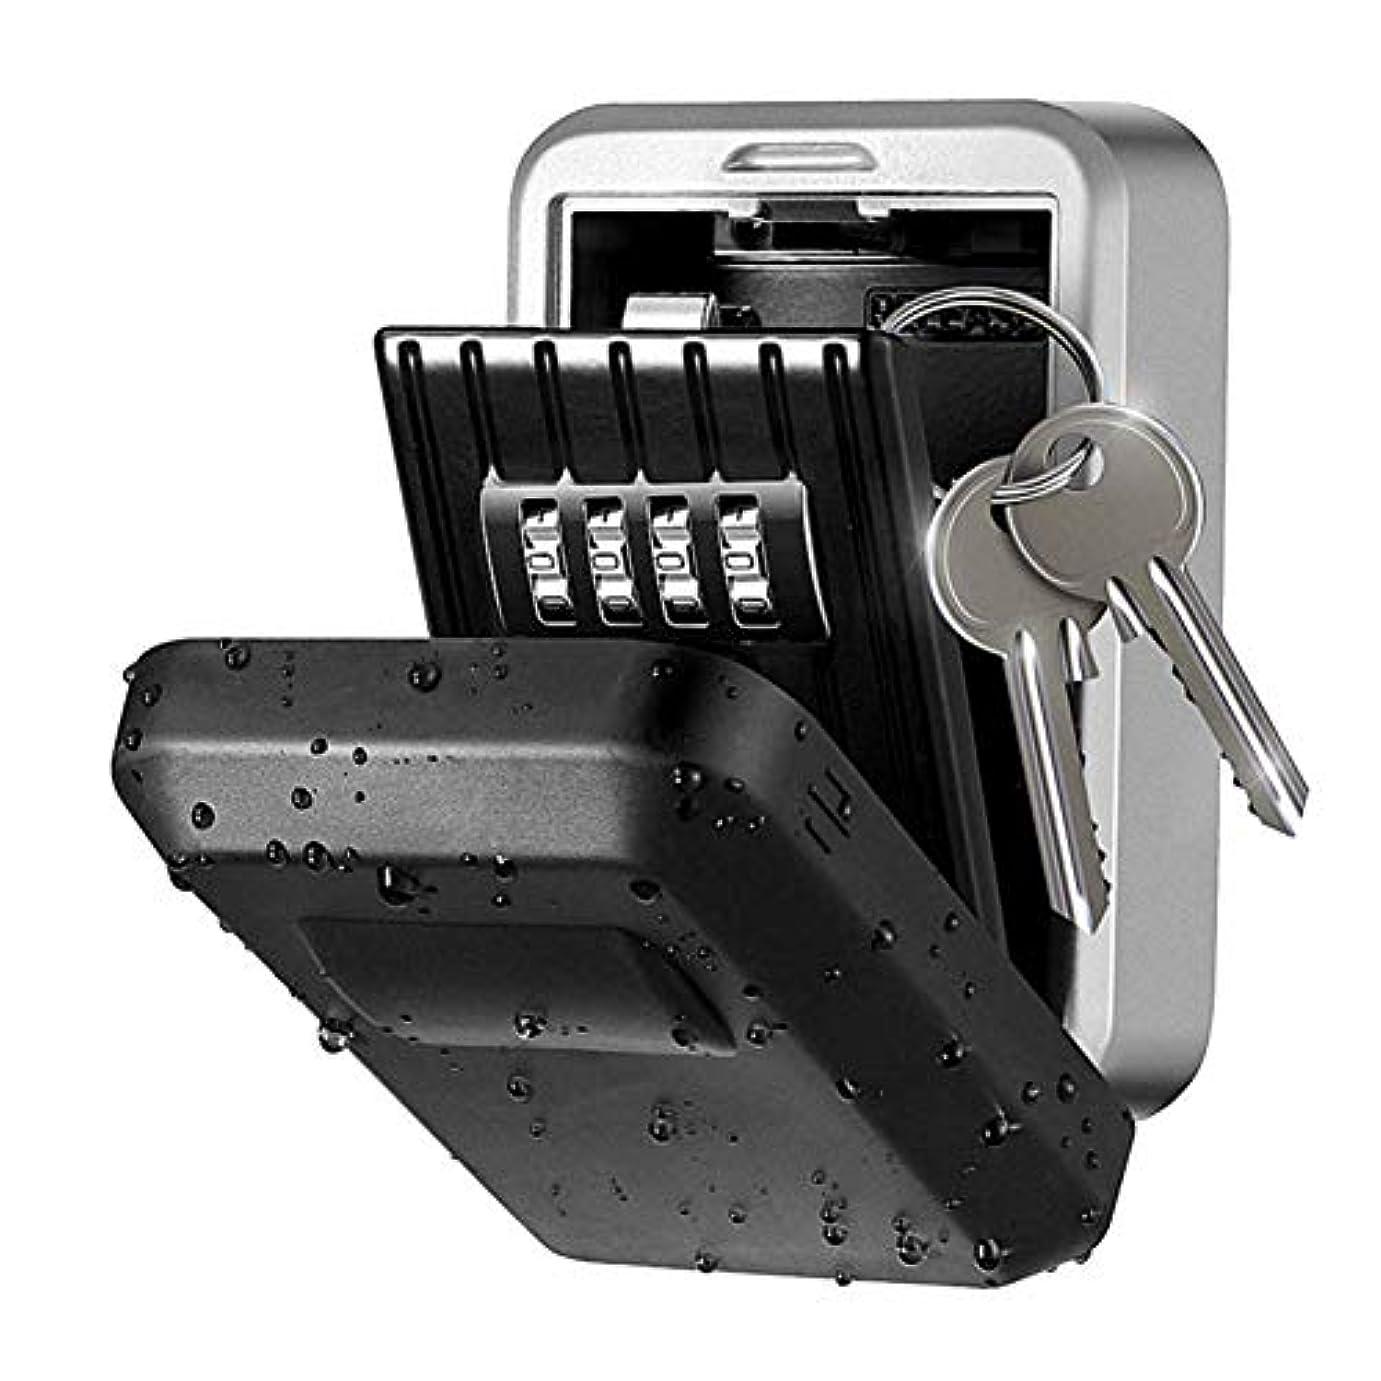 安息大破予定キーストレージボックス、ZOZOEウォールマウントキーロックボックス-強力、金属、屋外4桁の組み合わせウォールマウントキー屋内および屋外のホームオフィスでキーを安全に共有するための安全なセキュリティストレージボックス